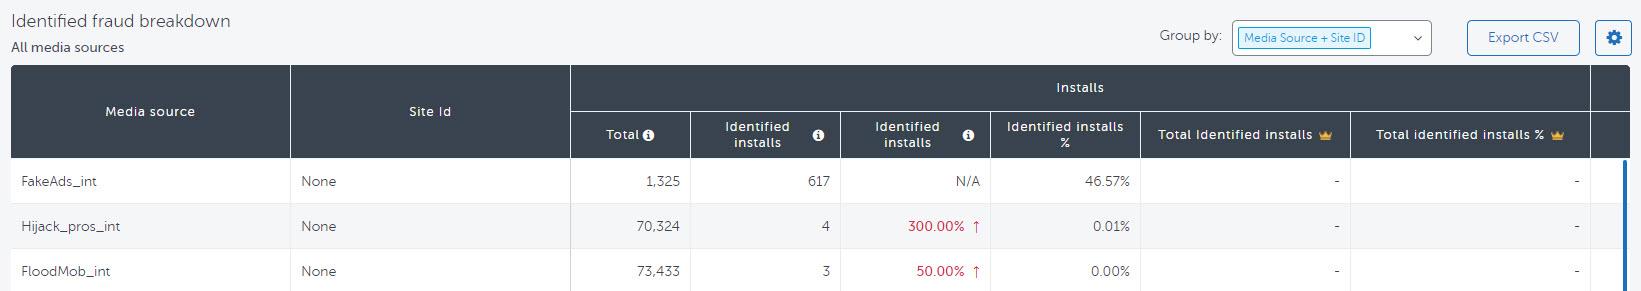 plite_fraud_table.jpg